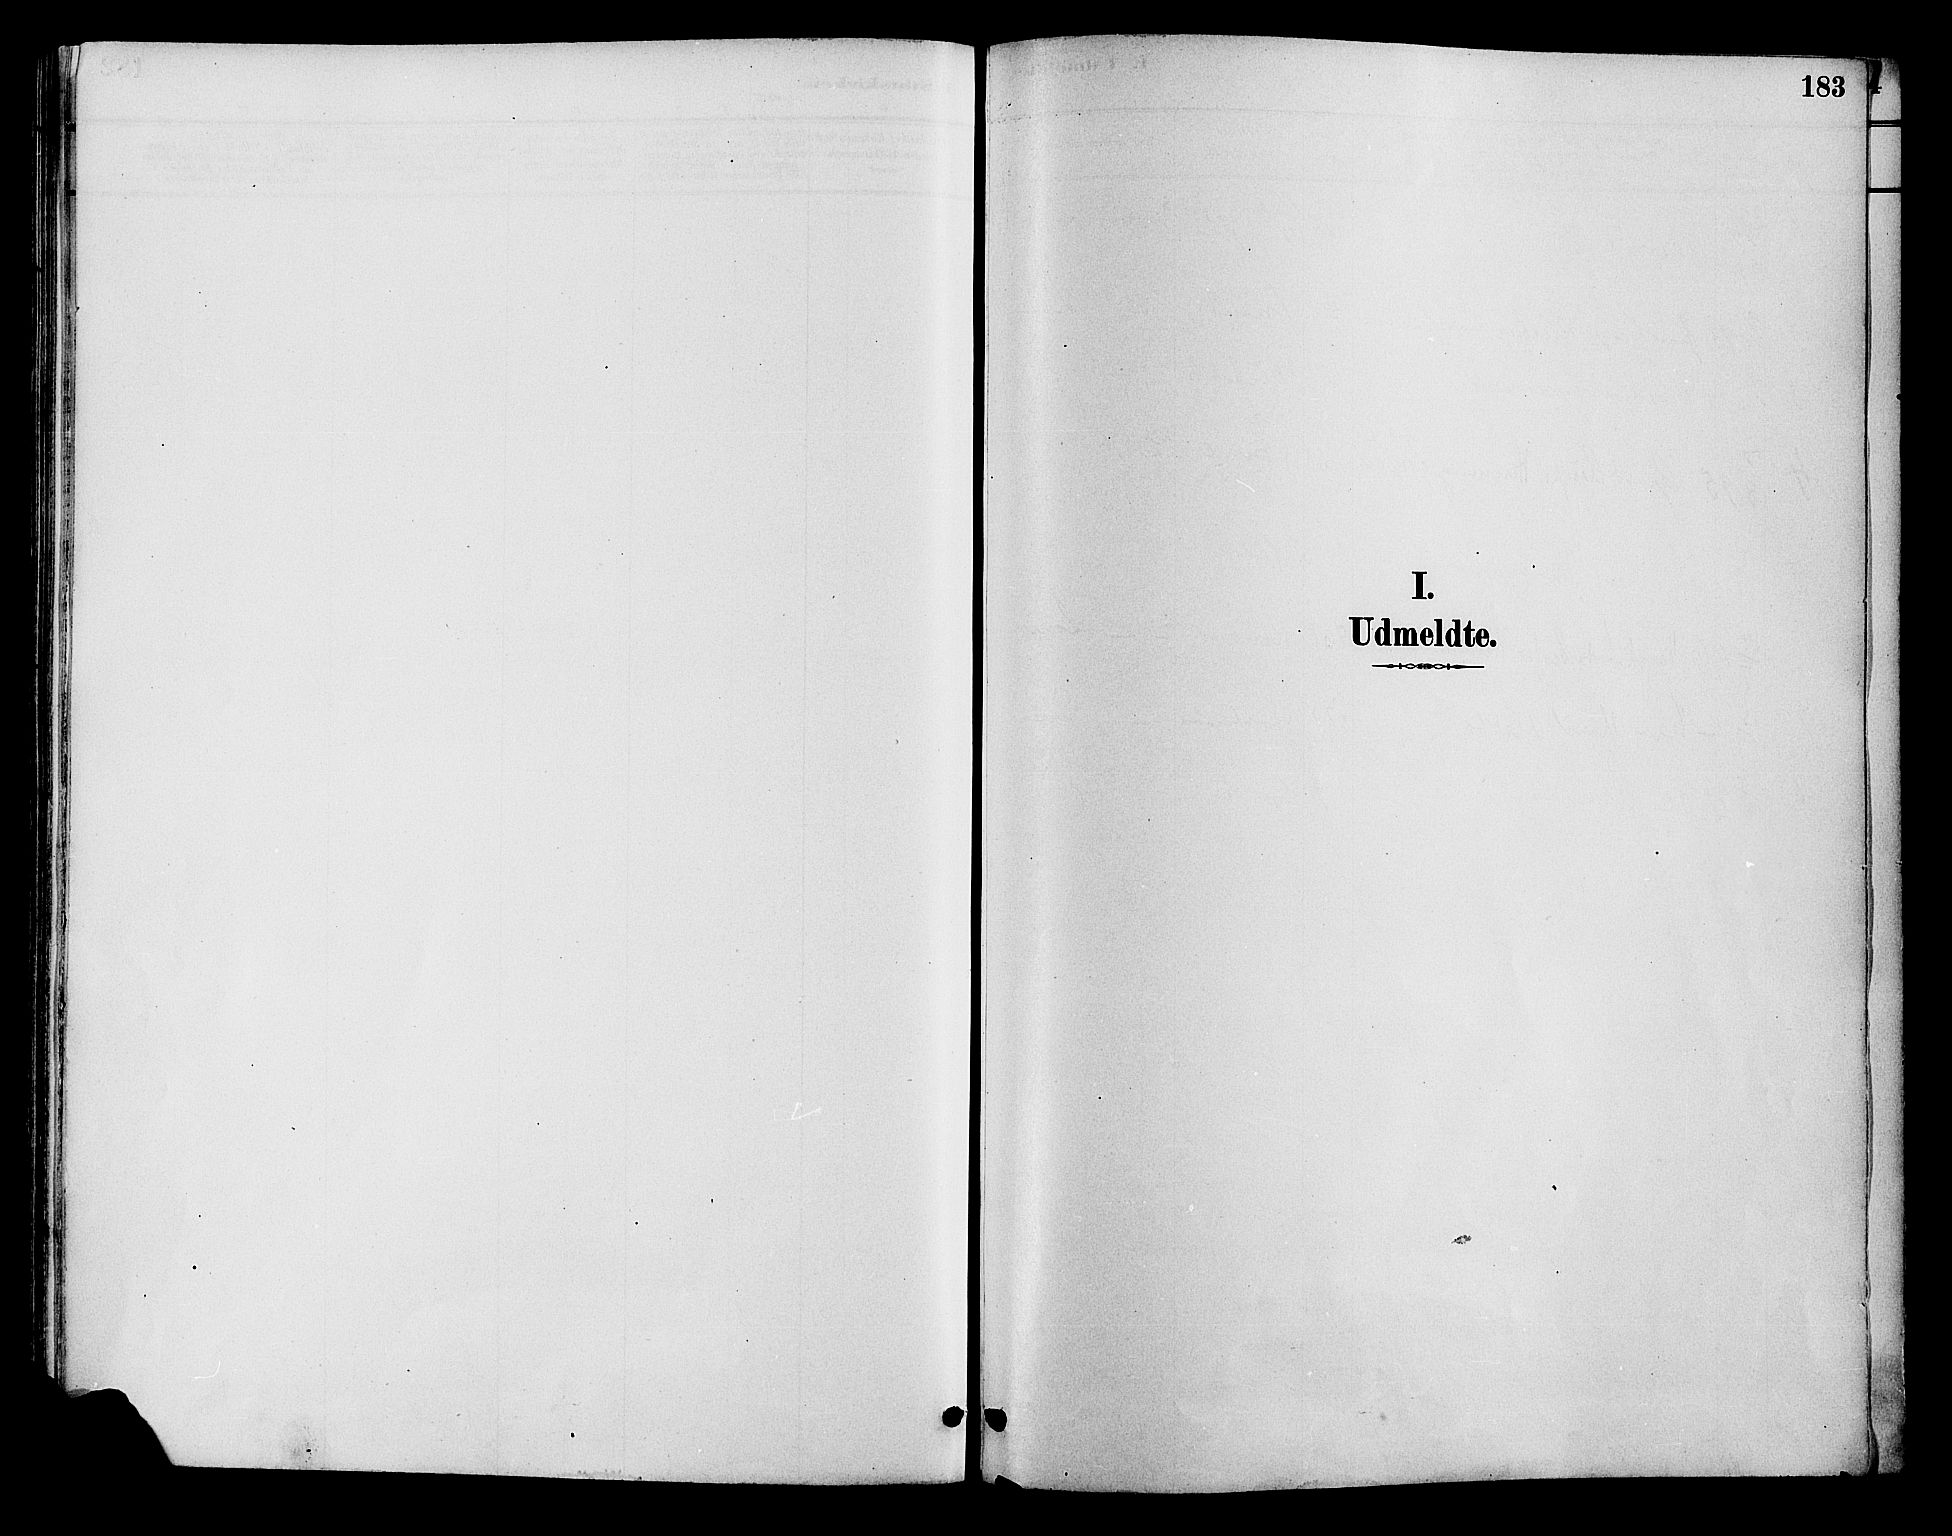 SAH, Lom prestekontor, K/L0008: Ministerialbok nr. 8, 1885-1898, s. 183